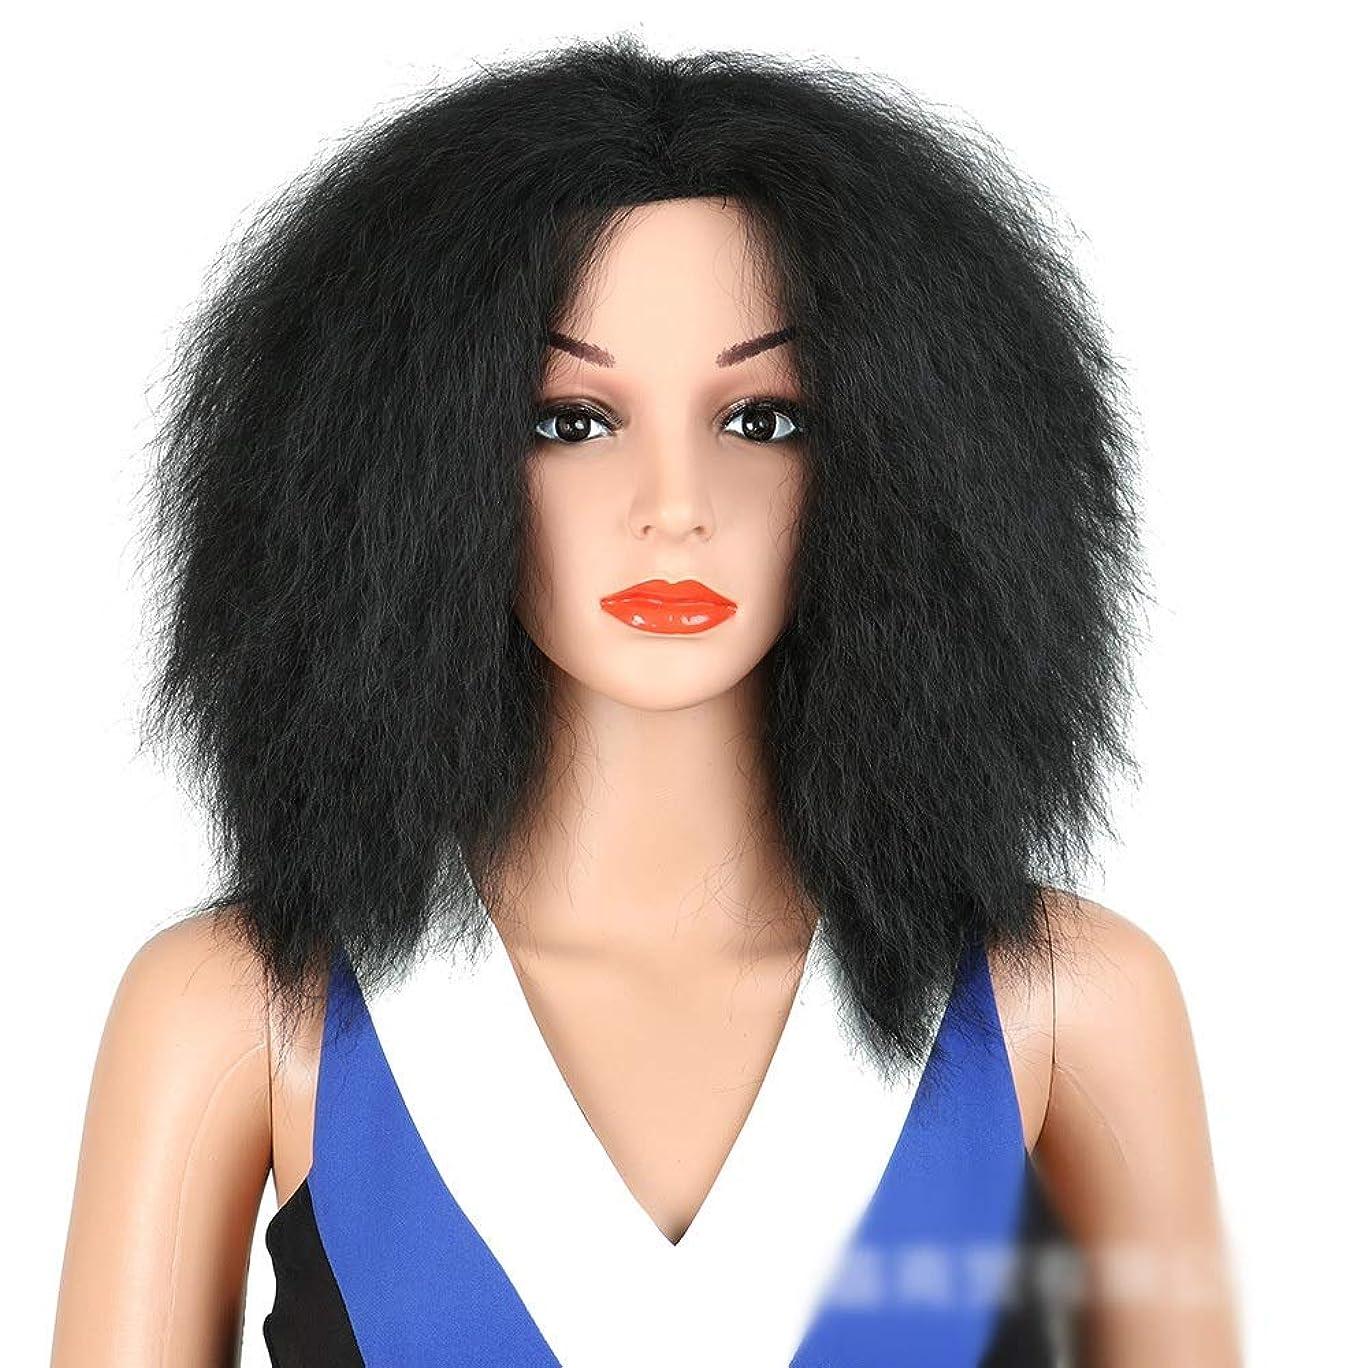 花火遡る中にIsikawan 女性のためのかつらアフロ変態ストレートヘアブラック耐熱人工毛ミドルパートふわふわ (色 : ブラック)